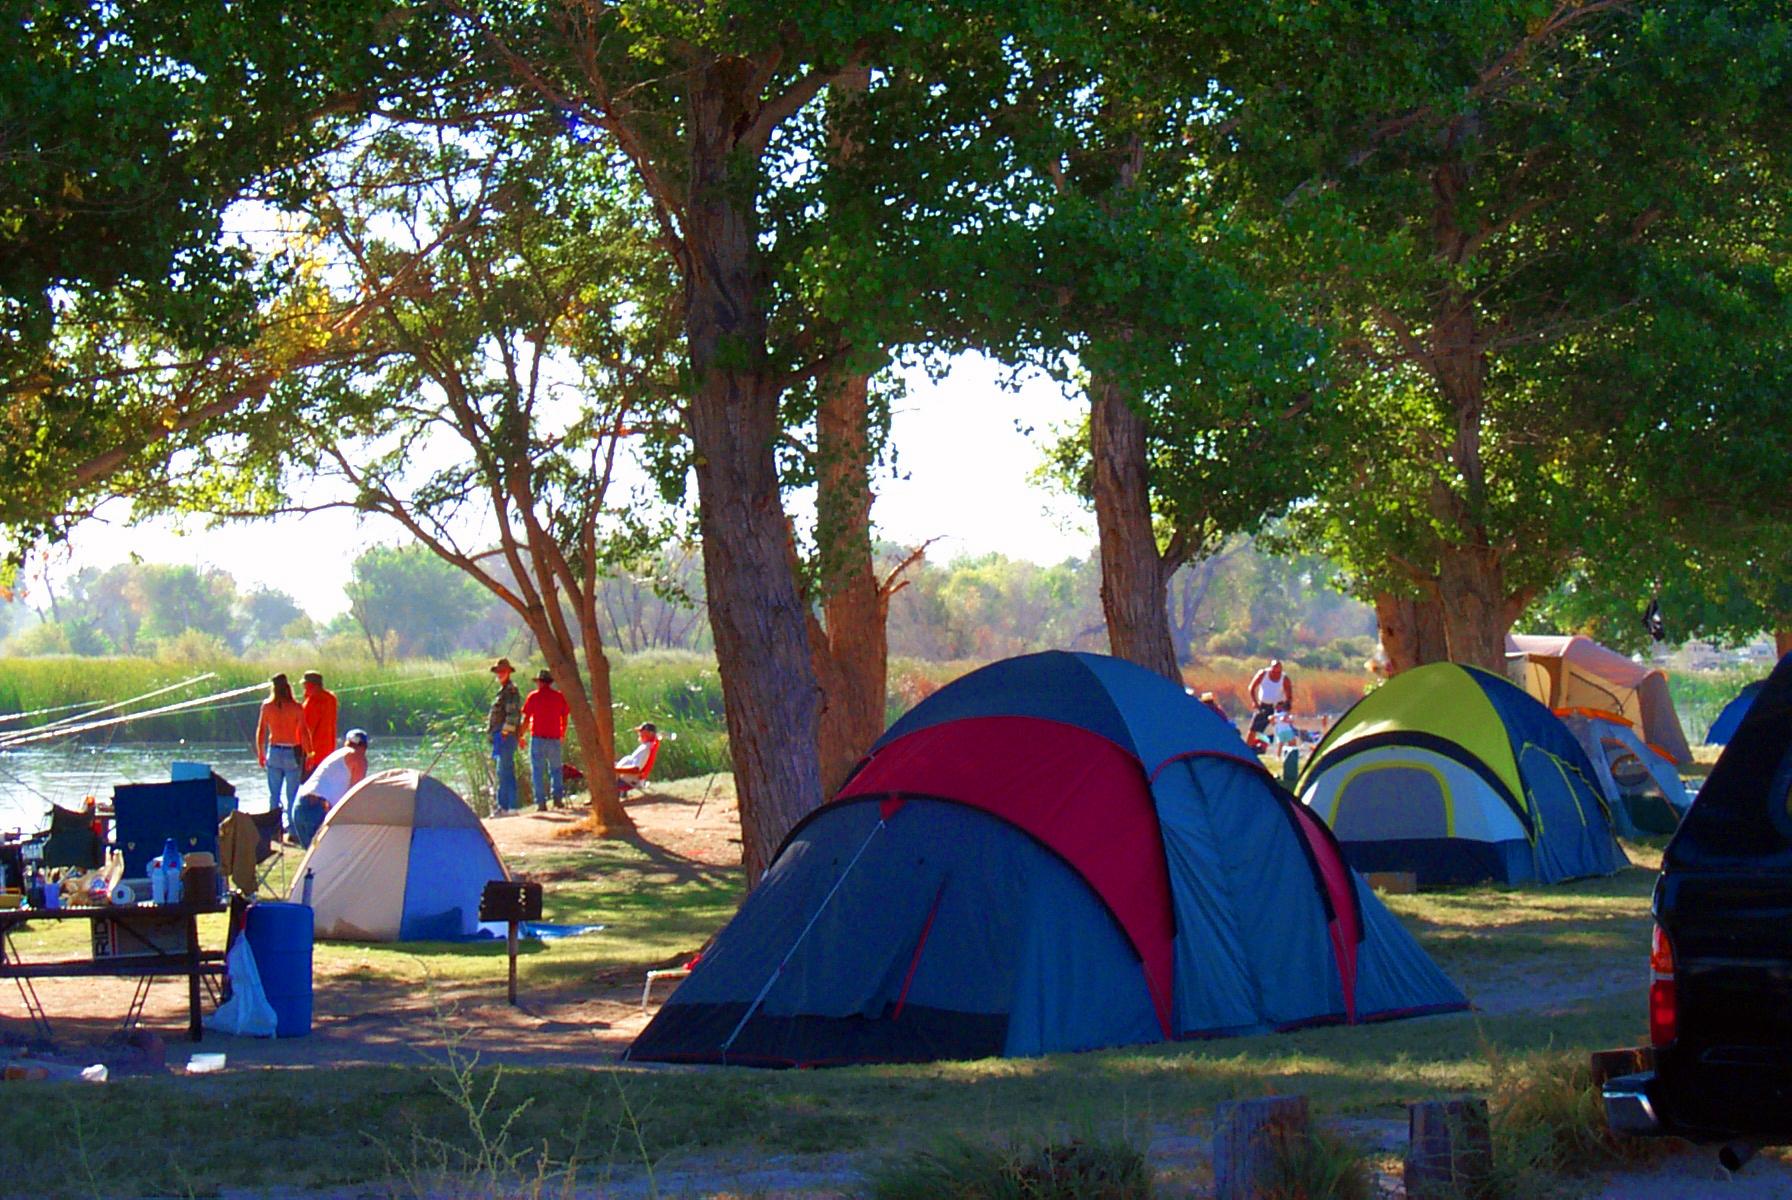 Camping at Mojave Narrows